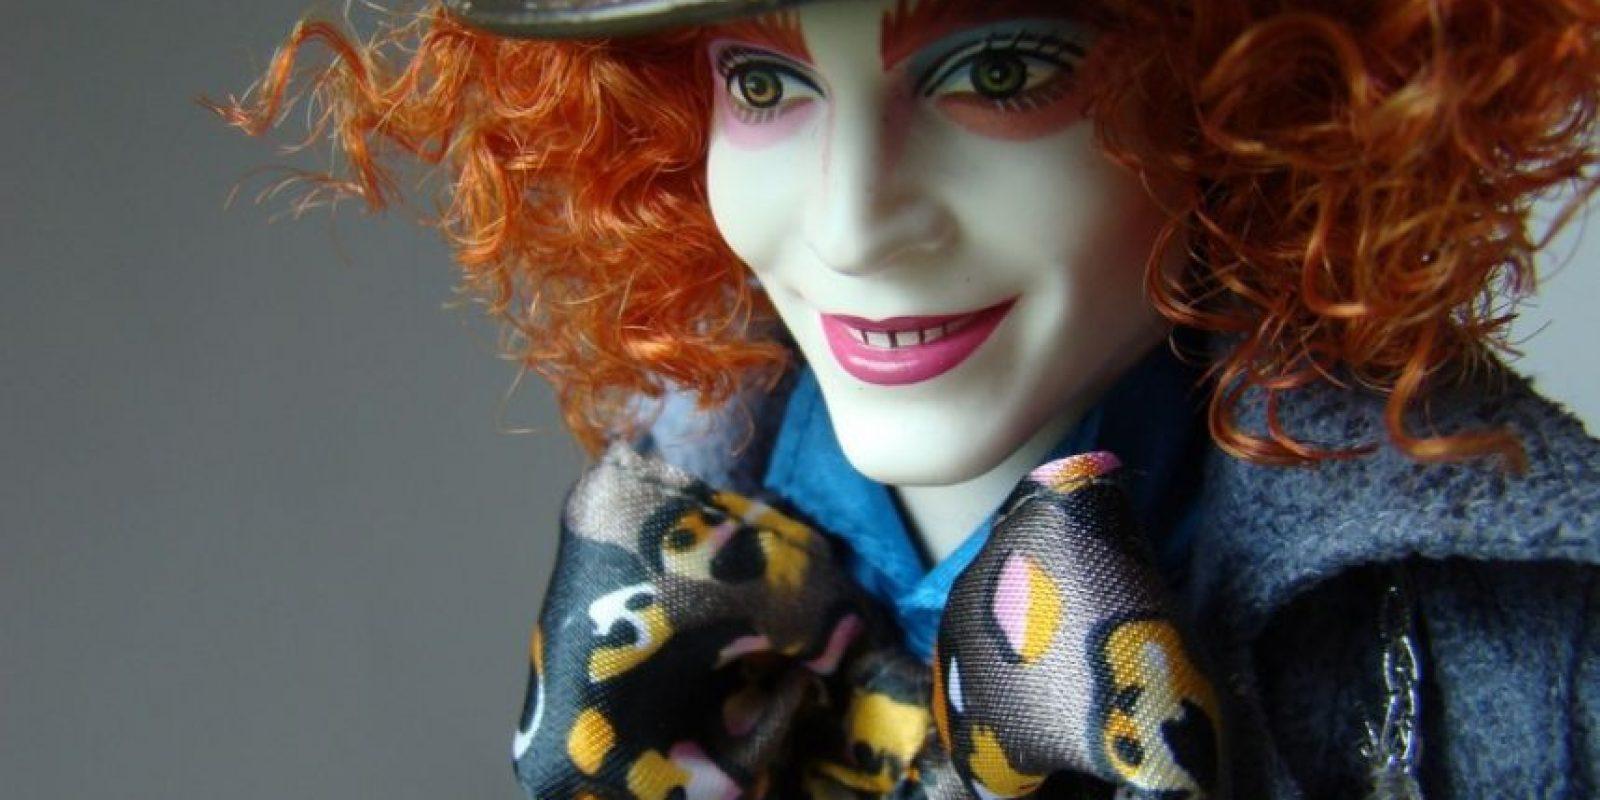 """El muñeco del Sombrerero en """"Alicia en el País de las Maravillas"""" Foto:Mattel"""